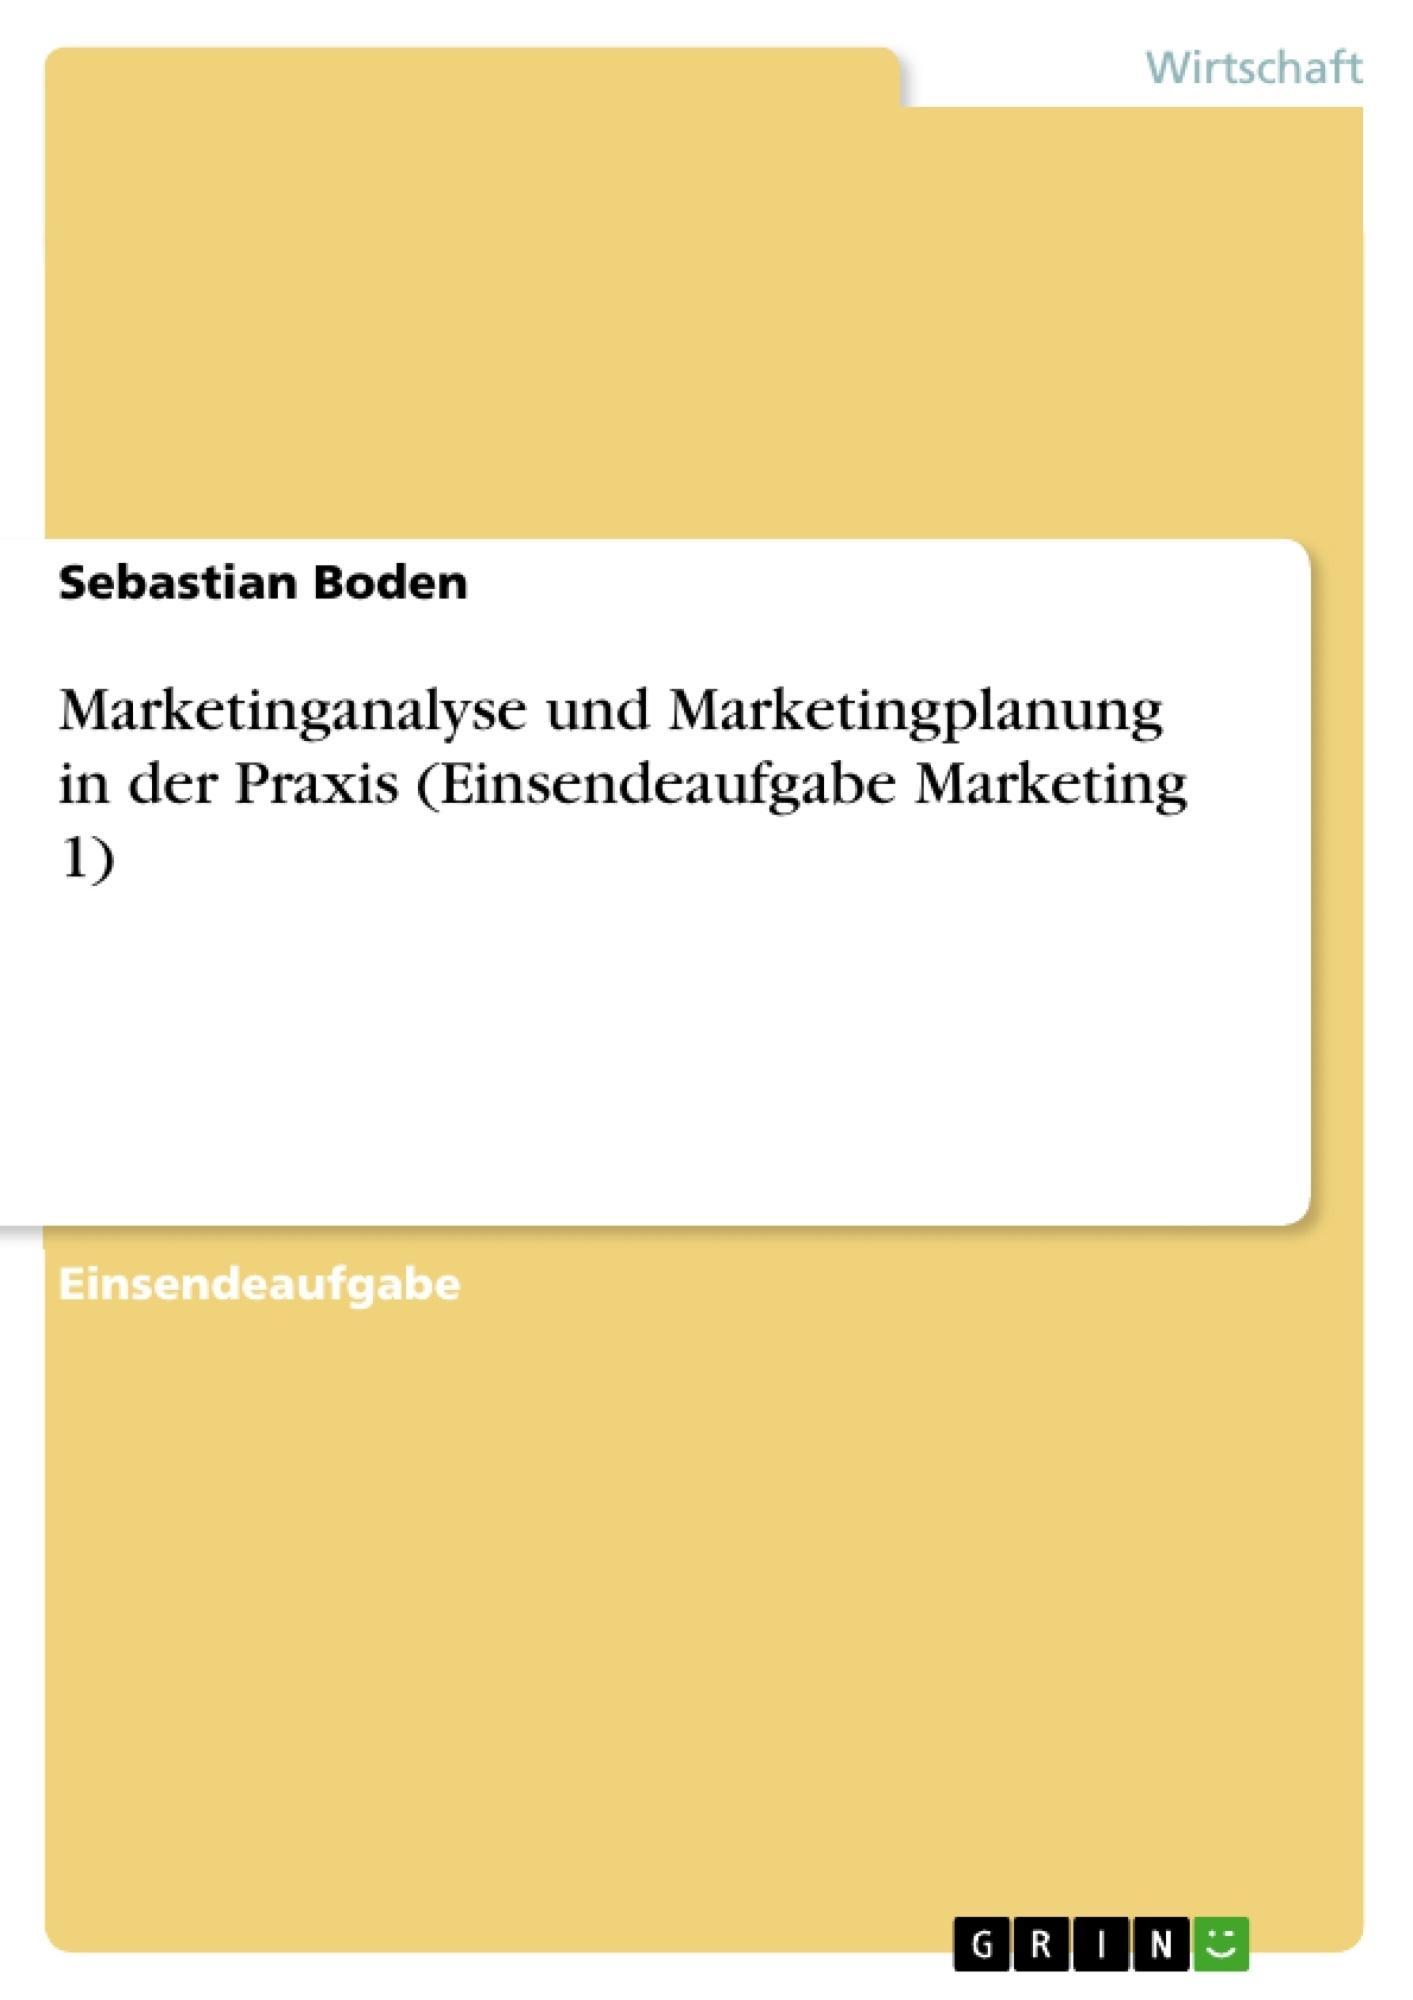 Titel: Marketinganalyse und Marketingplanung in der Praxis (Einsendeaufgabe Marketing 1)